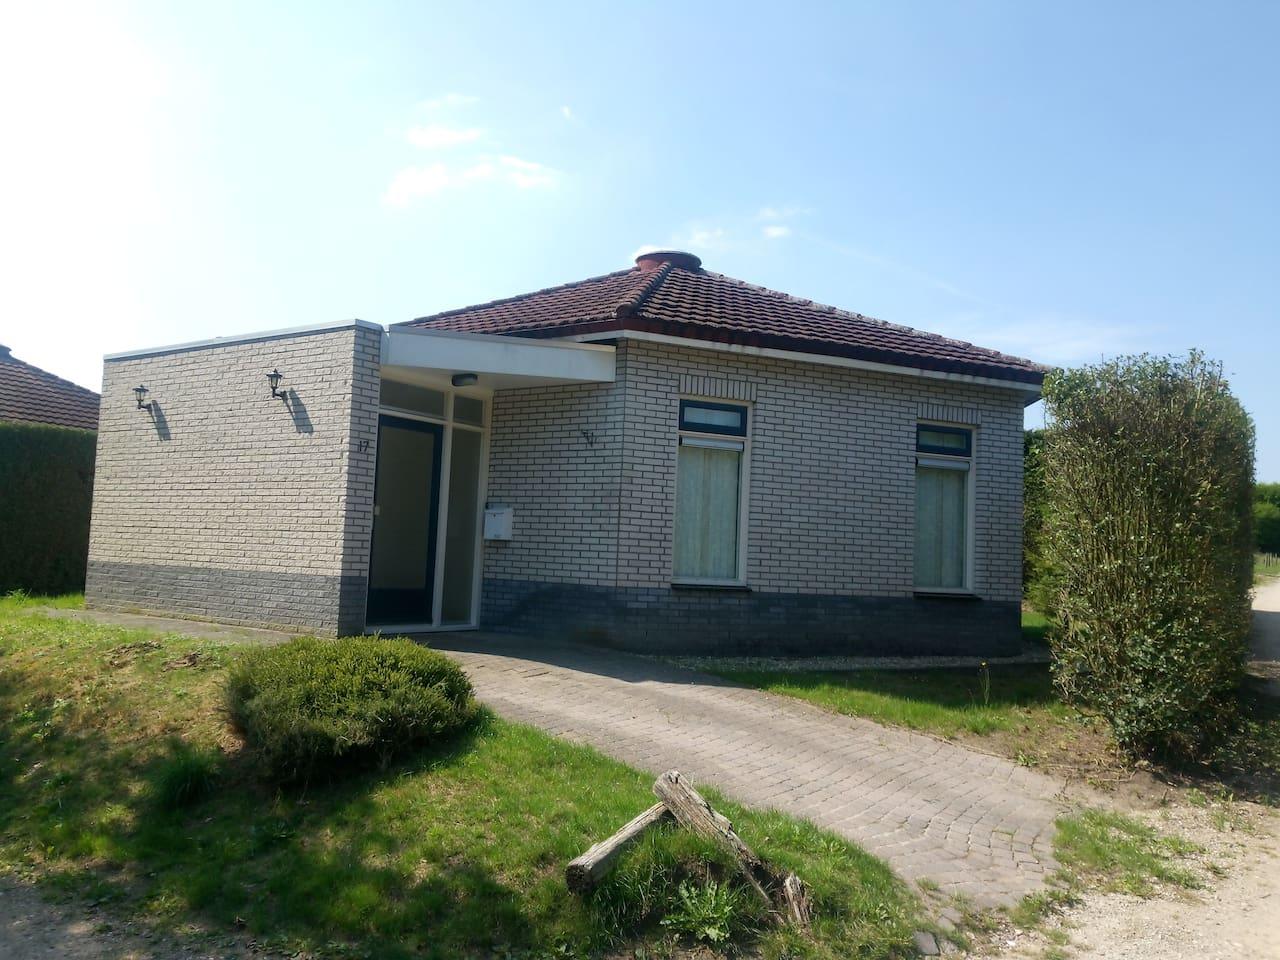 Vakantiehuis in Groesbeeks heuvellandschap